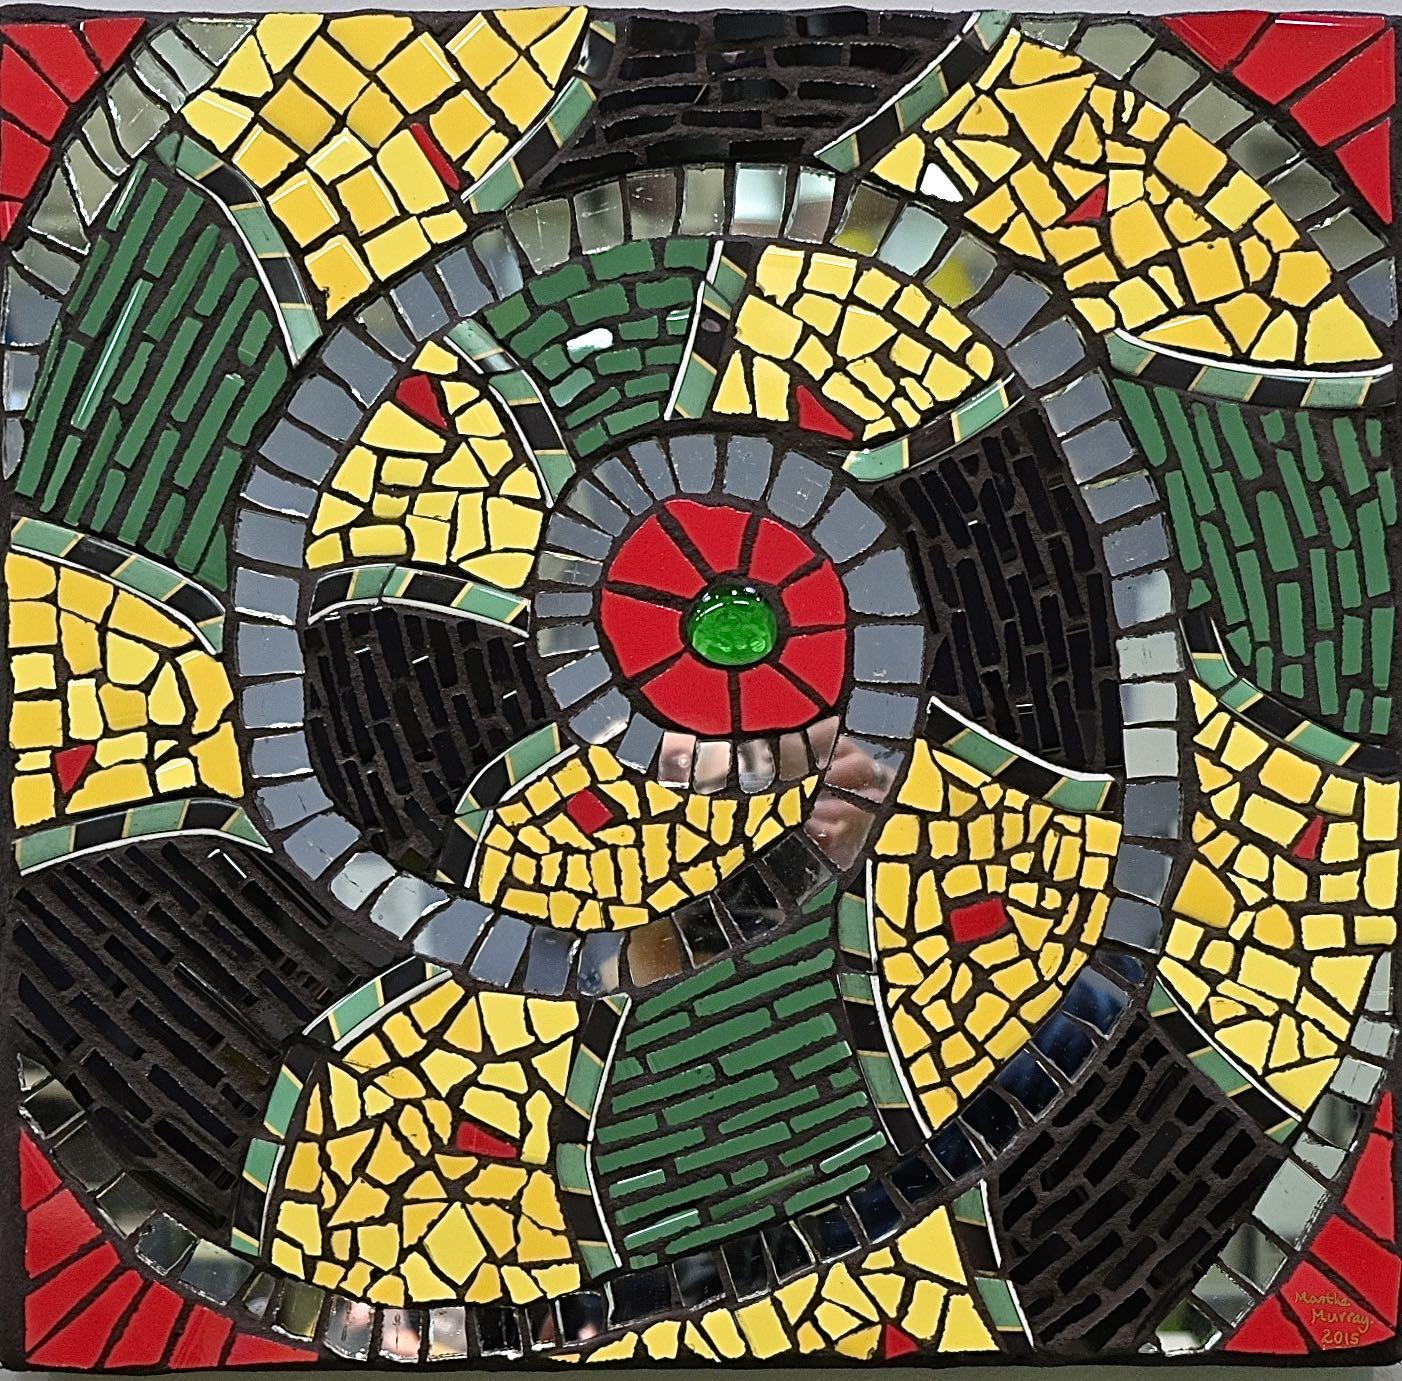 Elaine's Spiral